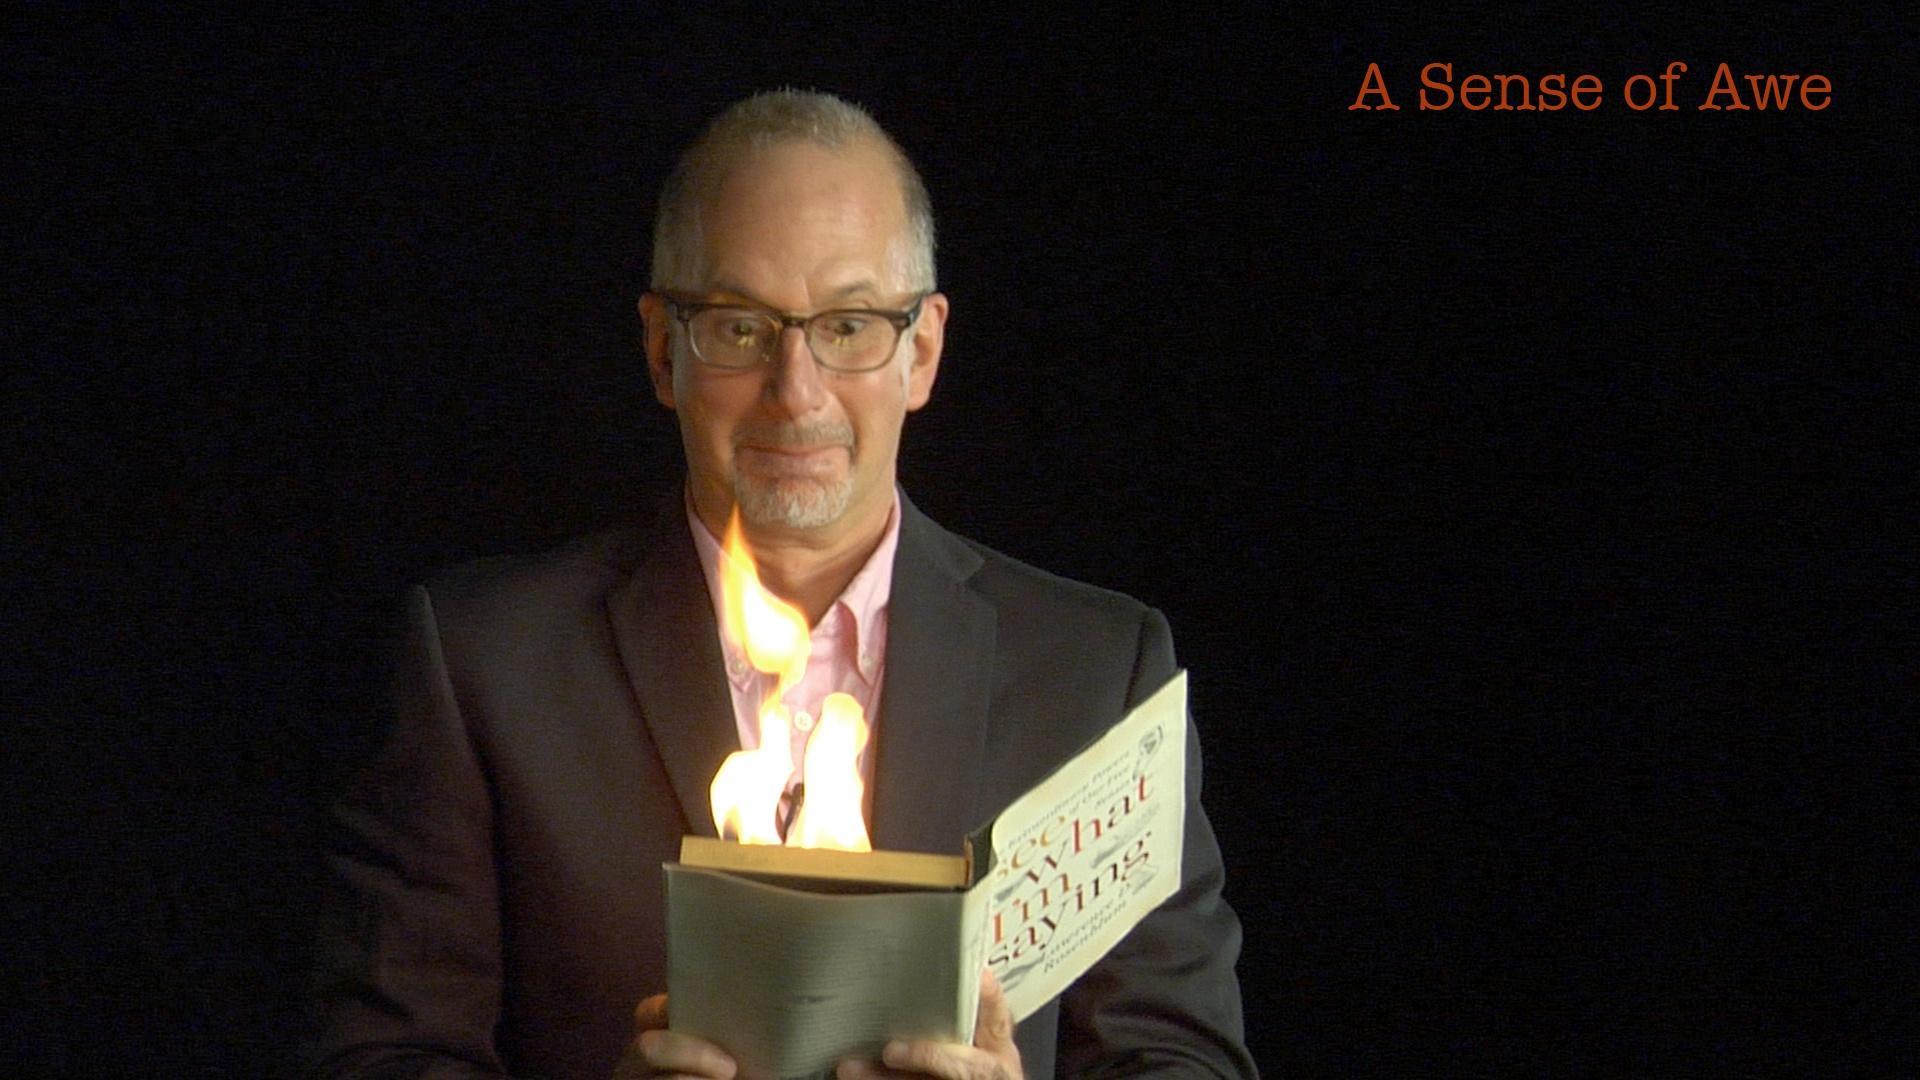 Larry Rosenblum: A Sense of Awe image